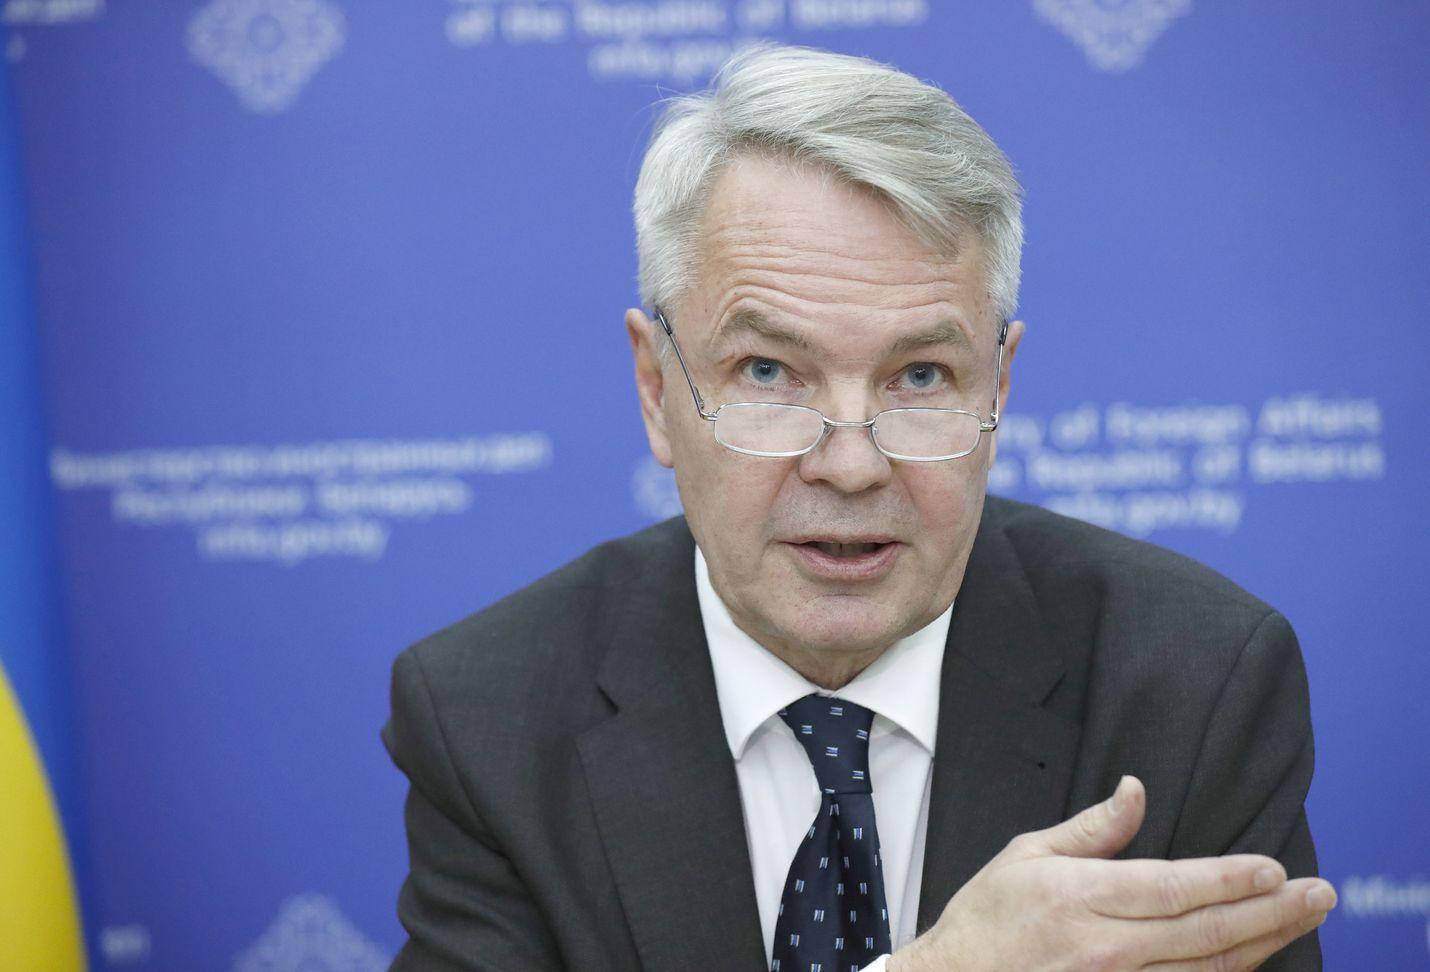 Ulkoministeri Pekka Haavisto (vihr.) kiistää painostaneensa ulkoministeriön virkamiestä.